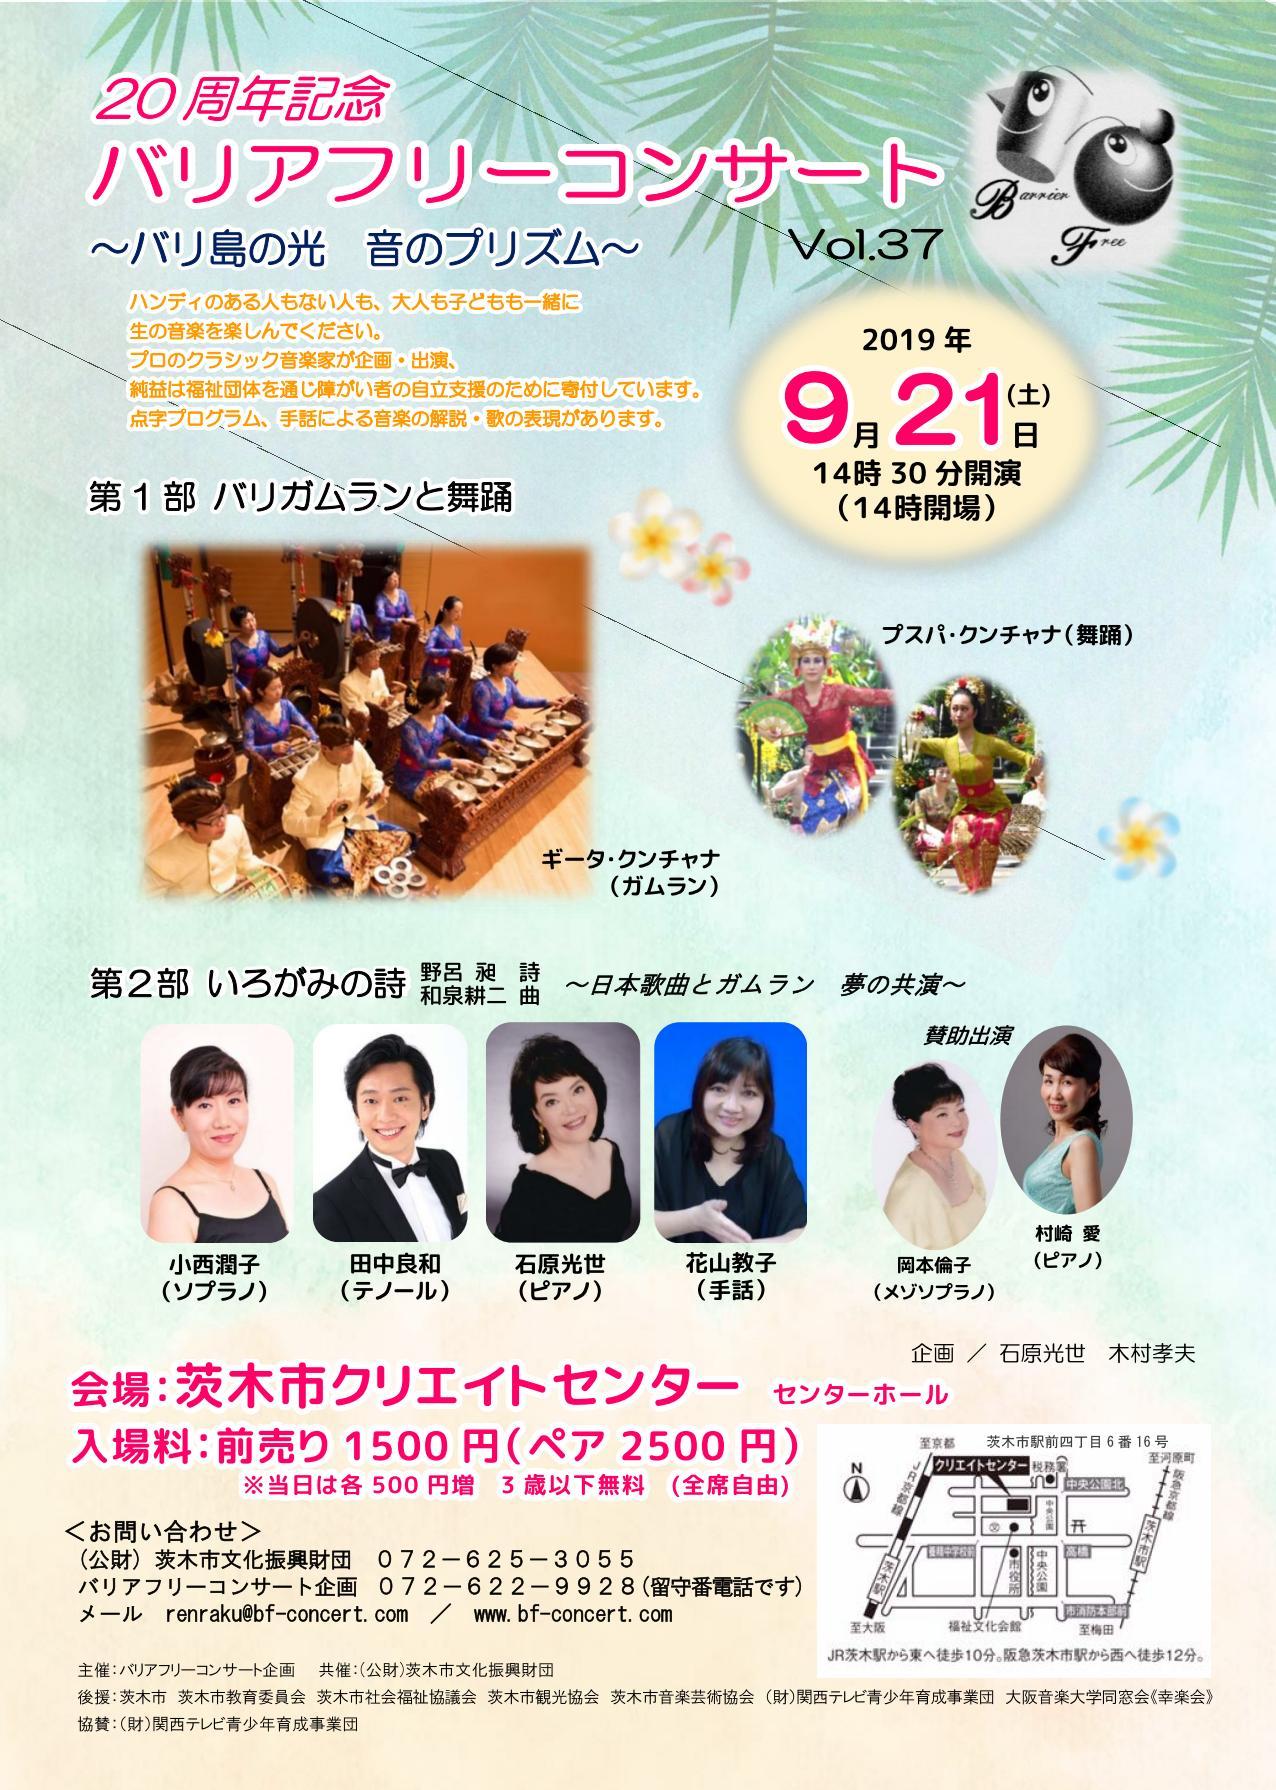 バリアフリーコンサート2019